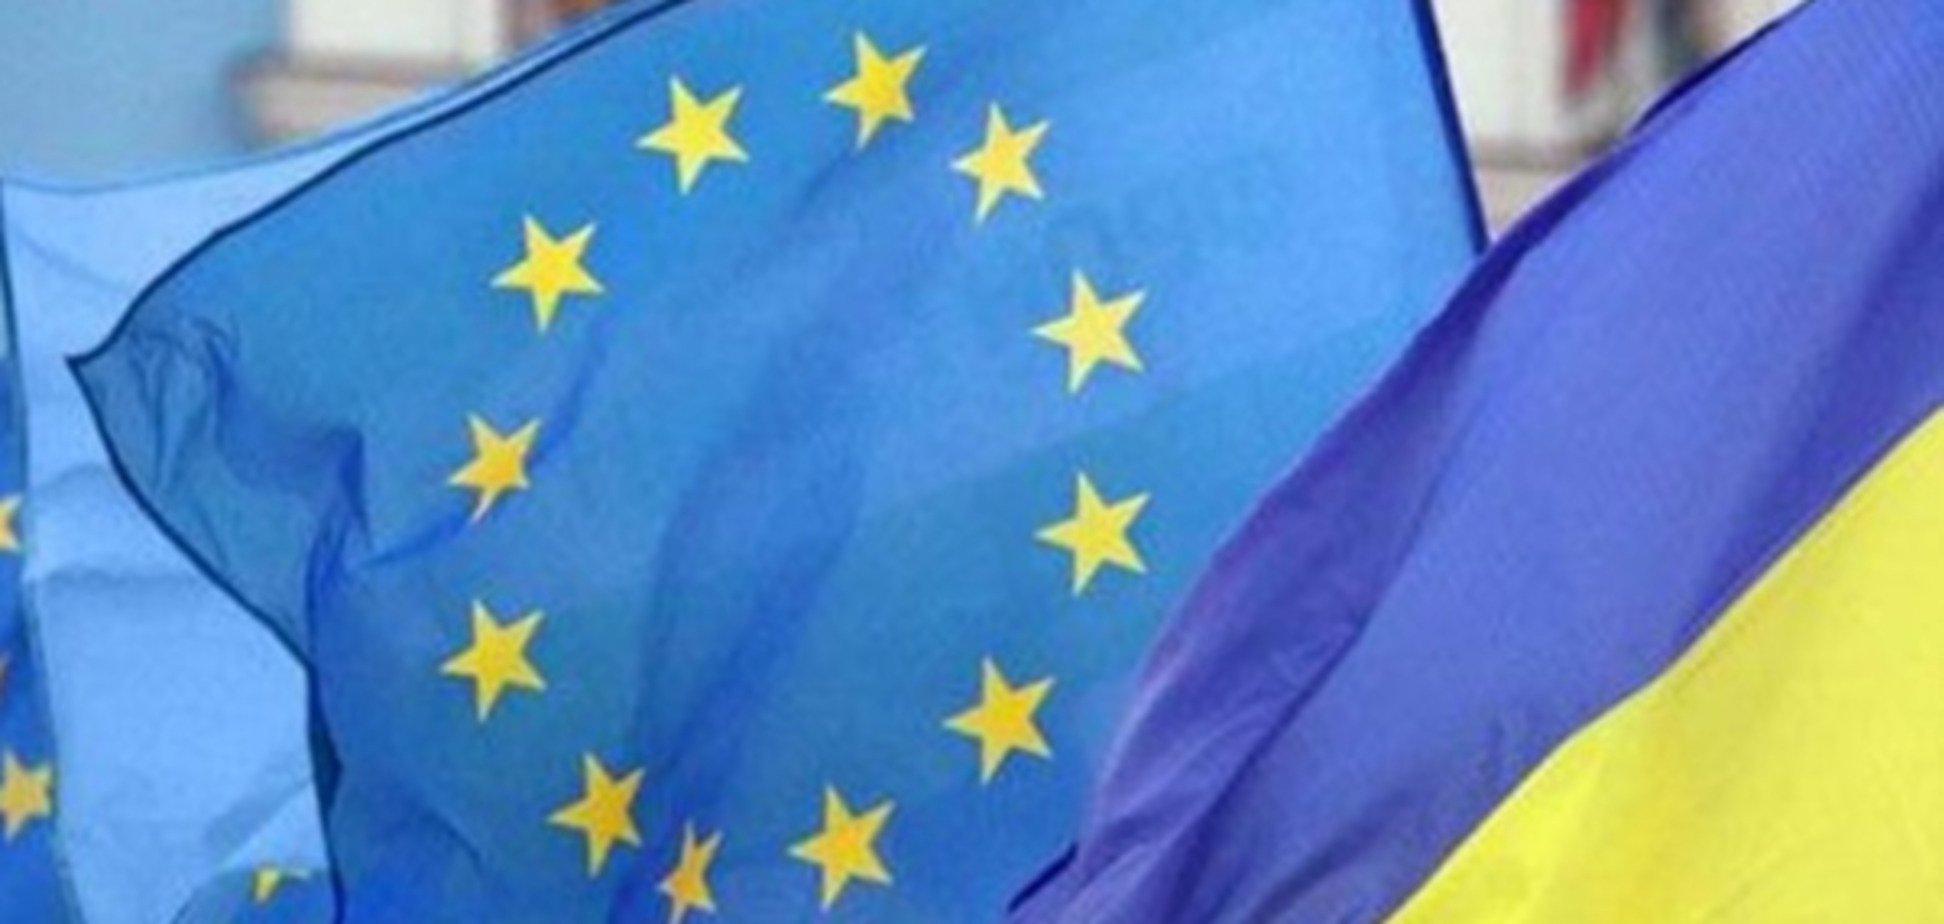 Україна-ЄС: стало відомо, коли відбудеться засідання ради щодо асоціації